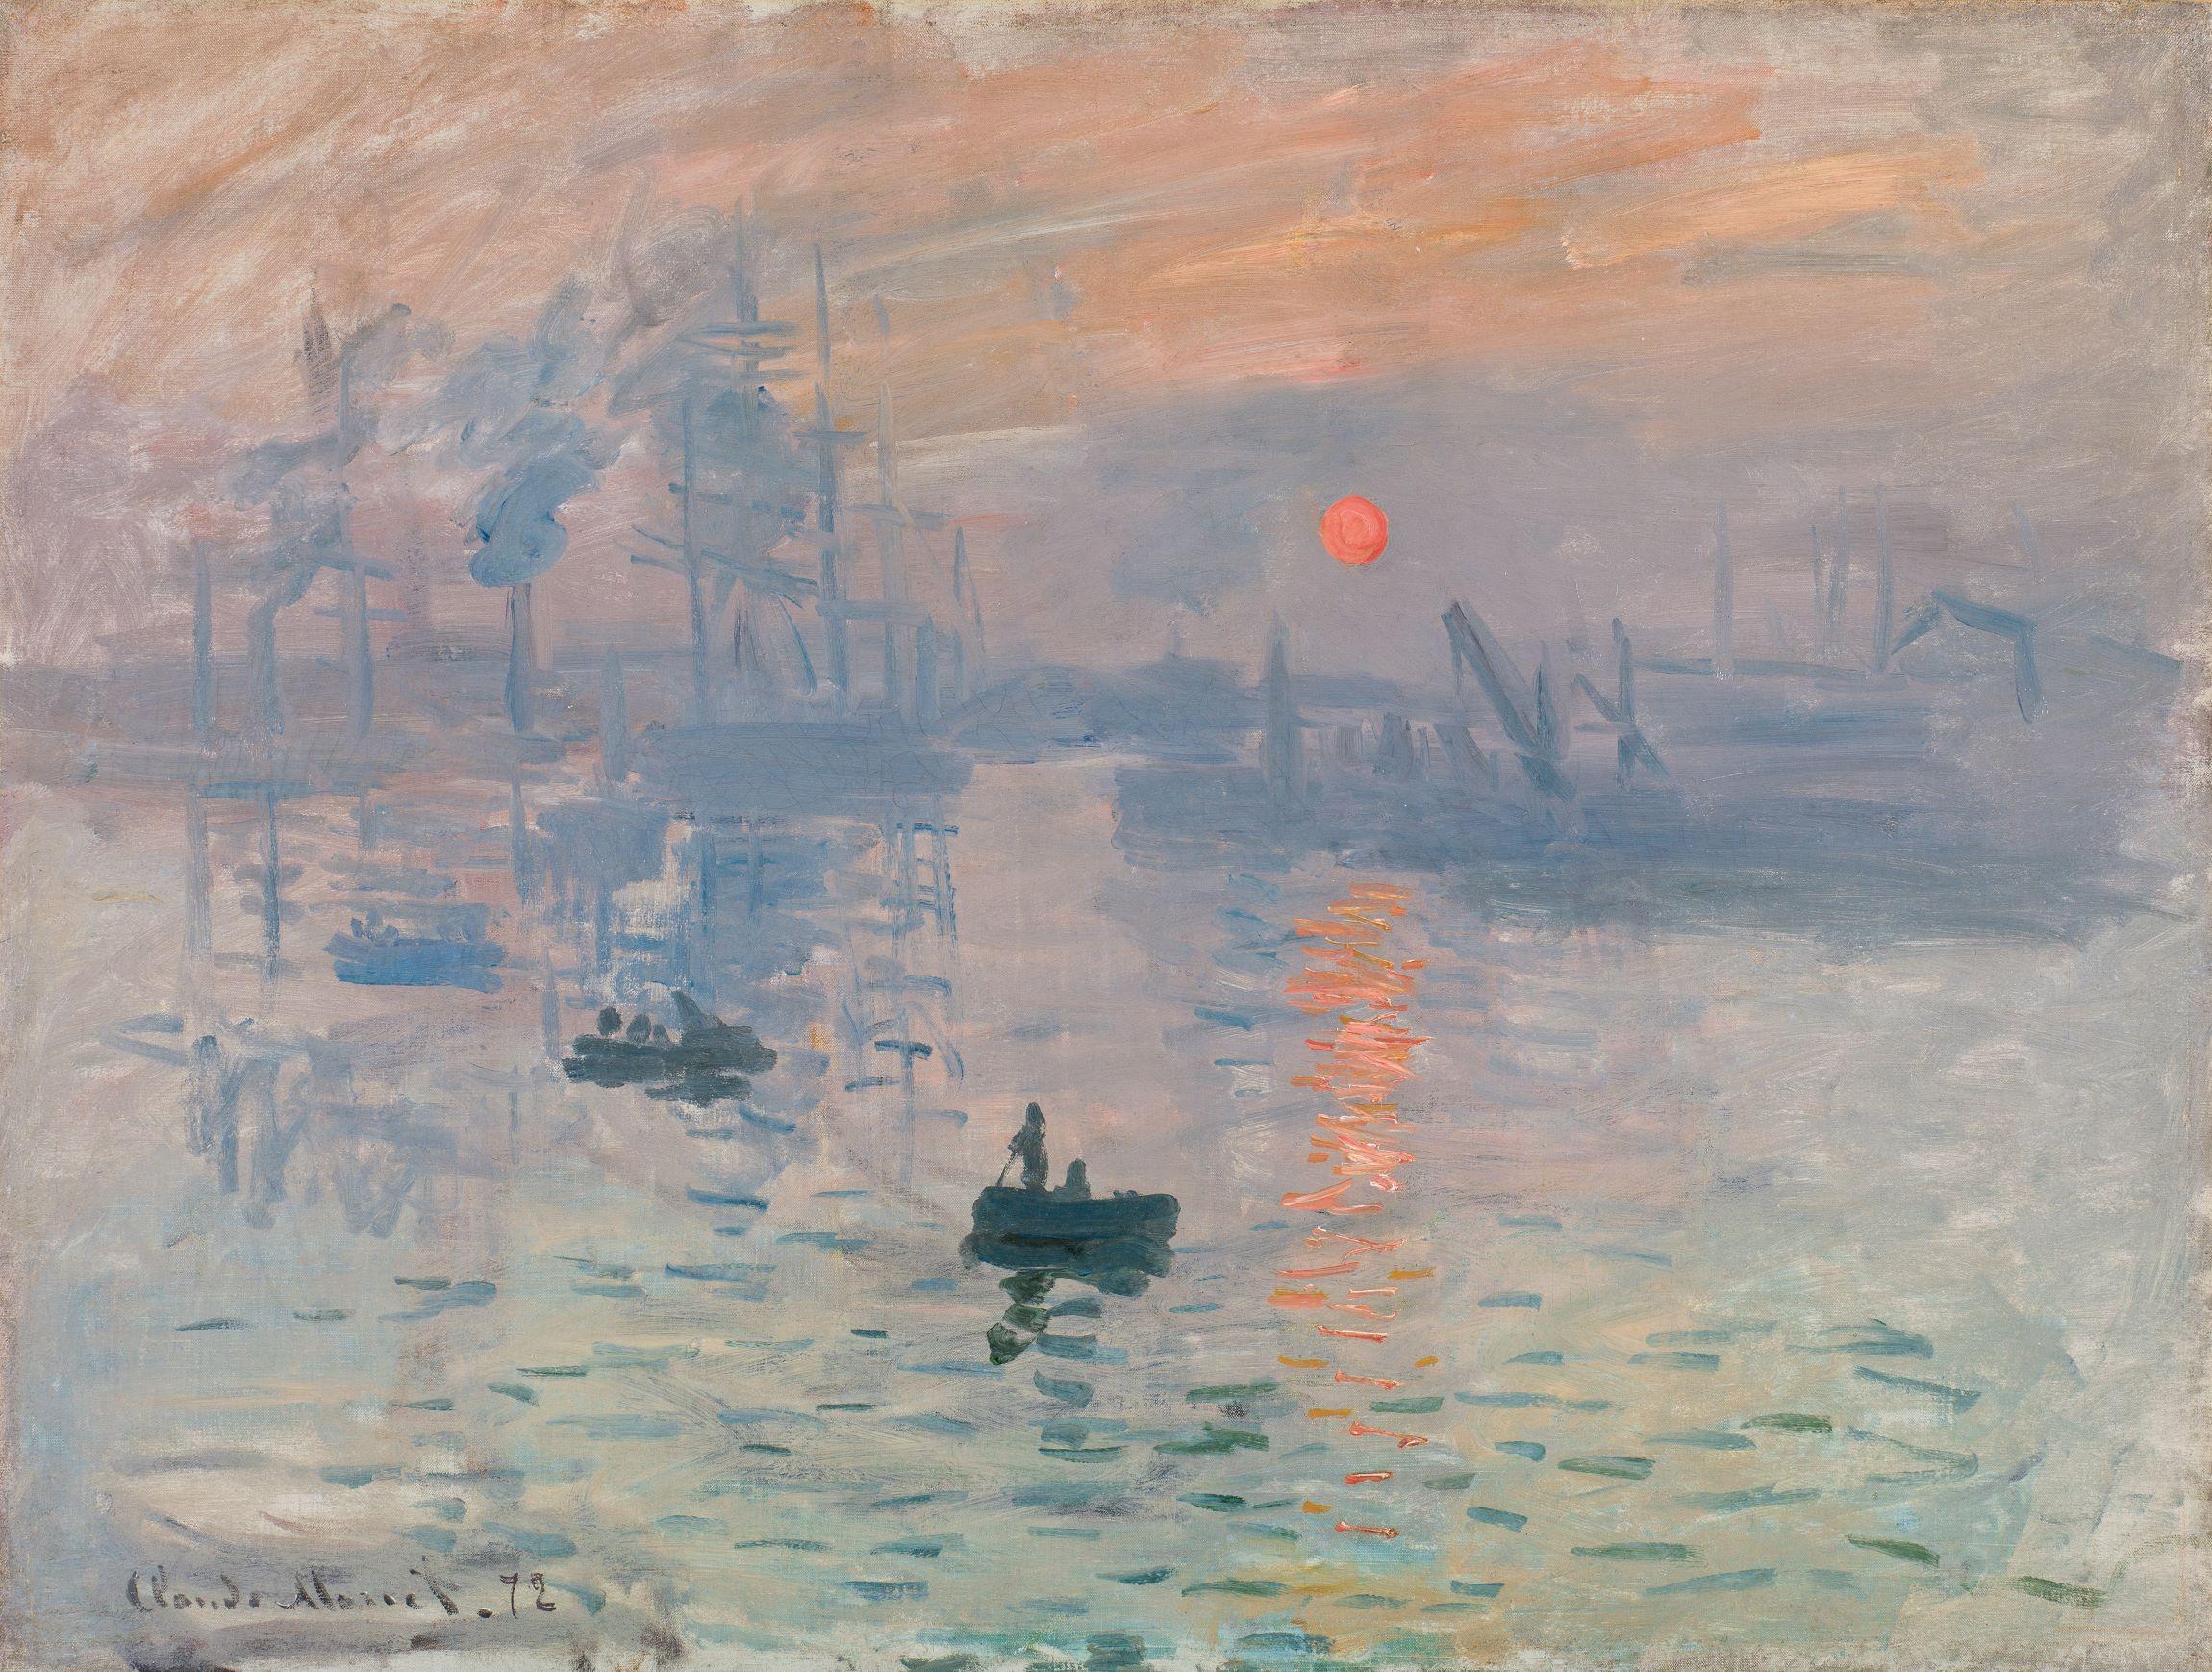 Claude Monet  Impression, sunrise [Impression, soleil levant] 1872 Gift of Victorine and Eugène Donop de Monchy 1940 Musée Marmottan Monet